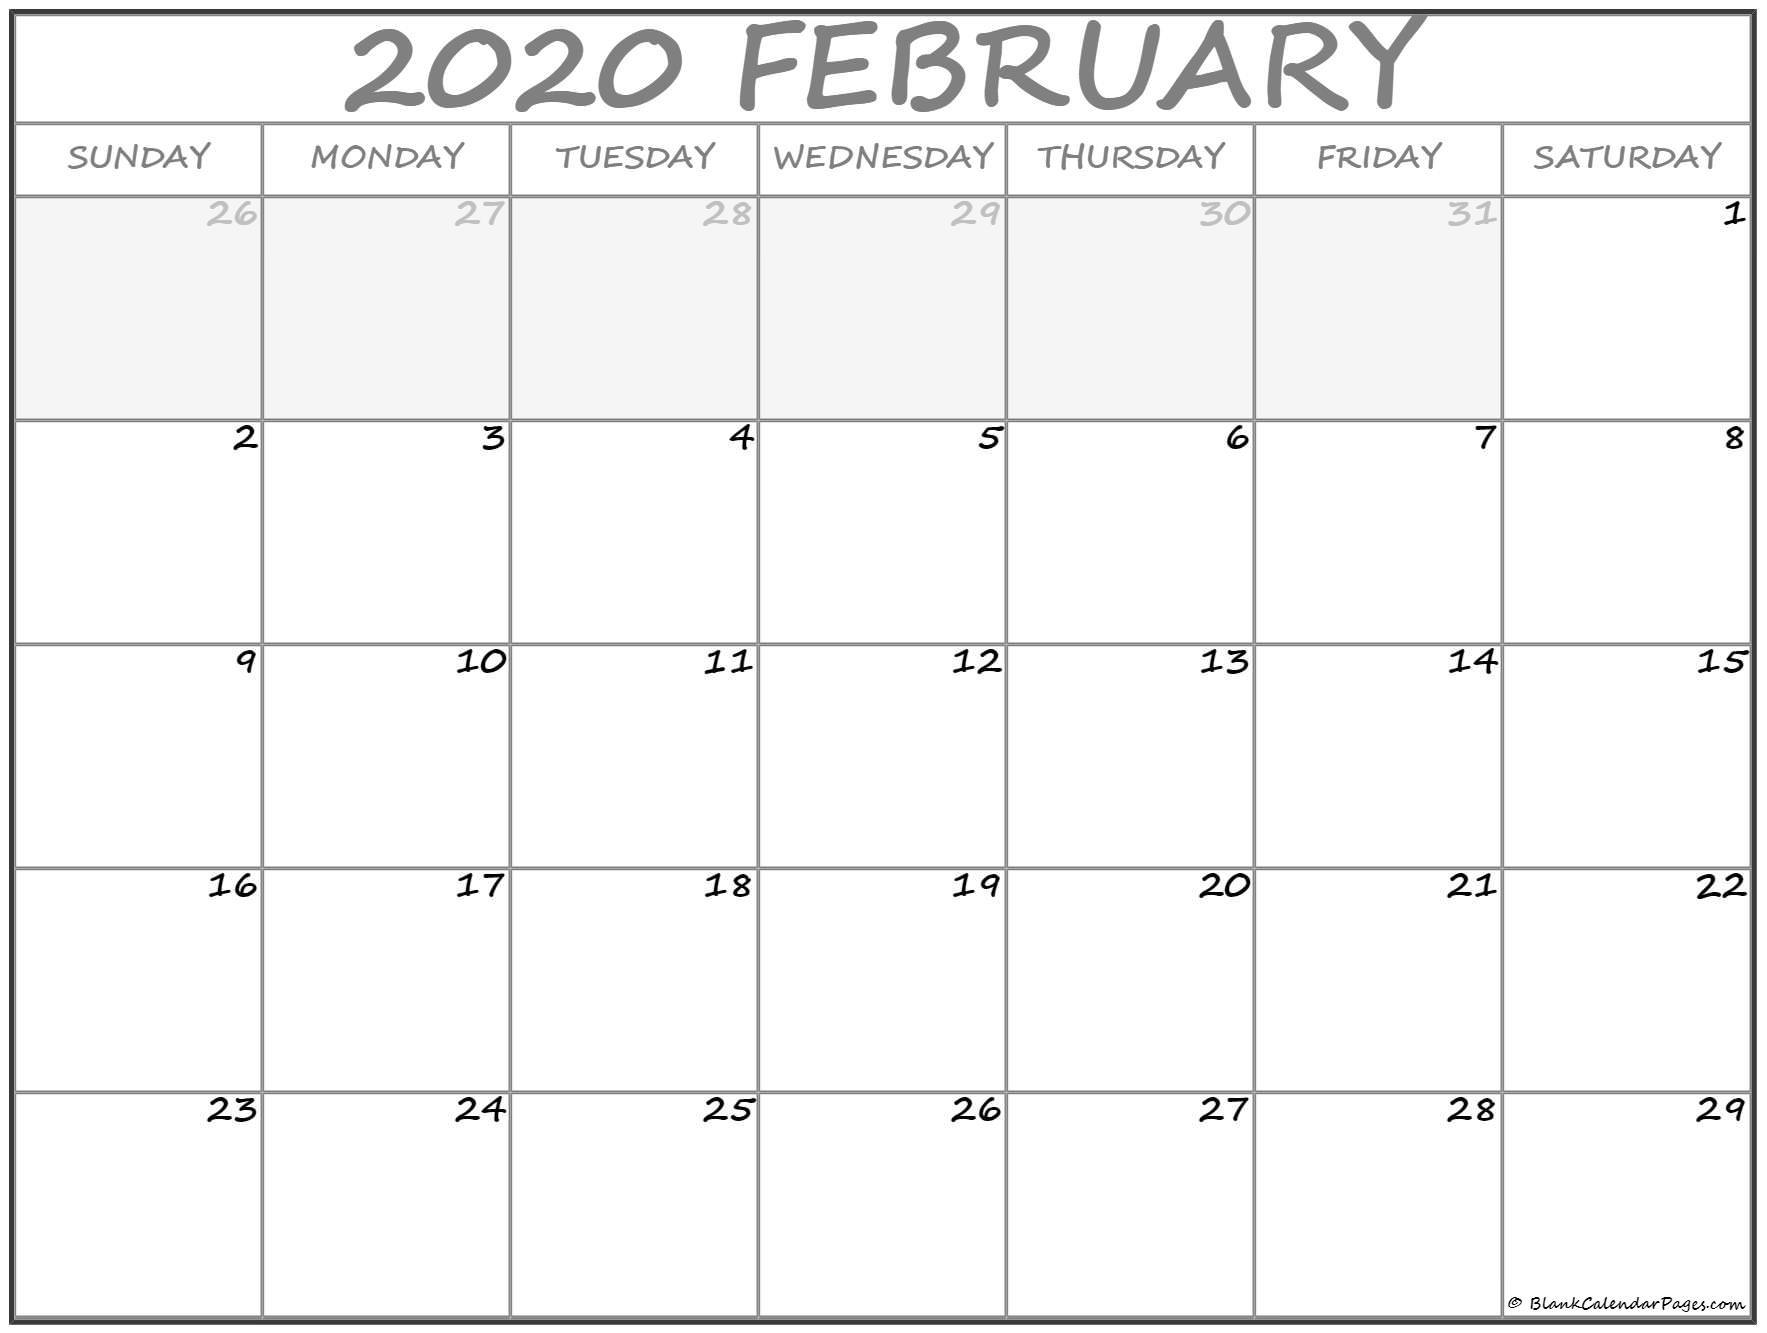 Free Printable February 2020 Calendar February 2020 Calendar